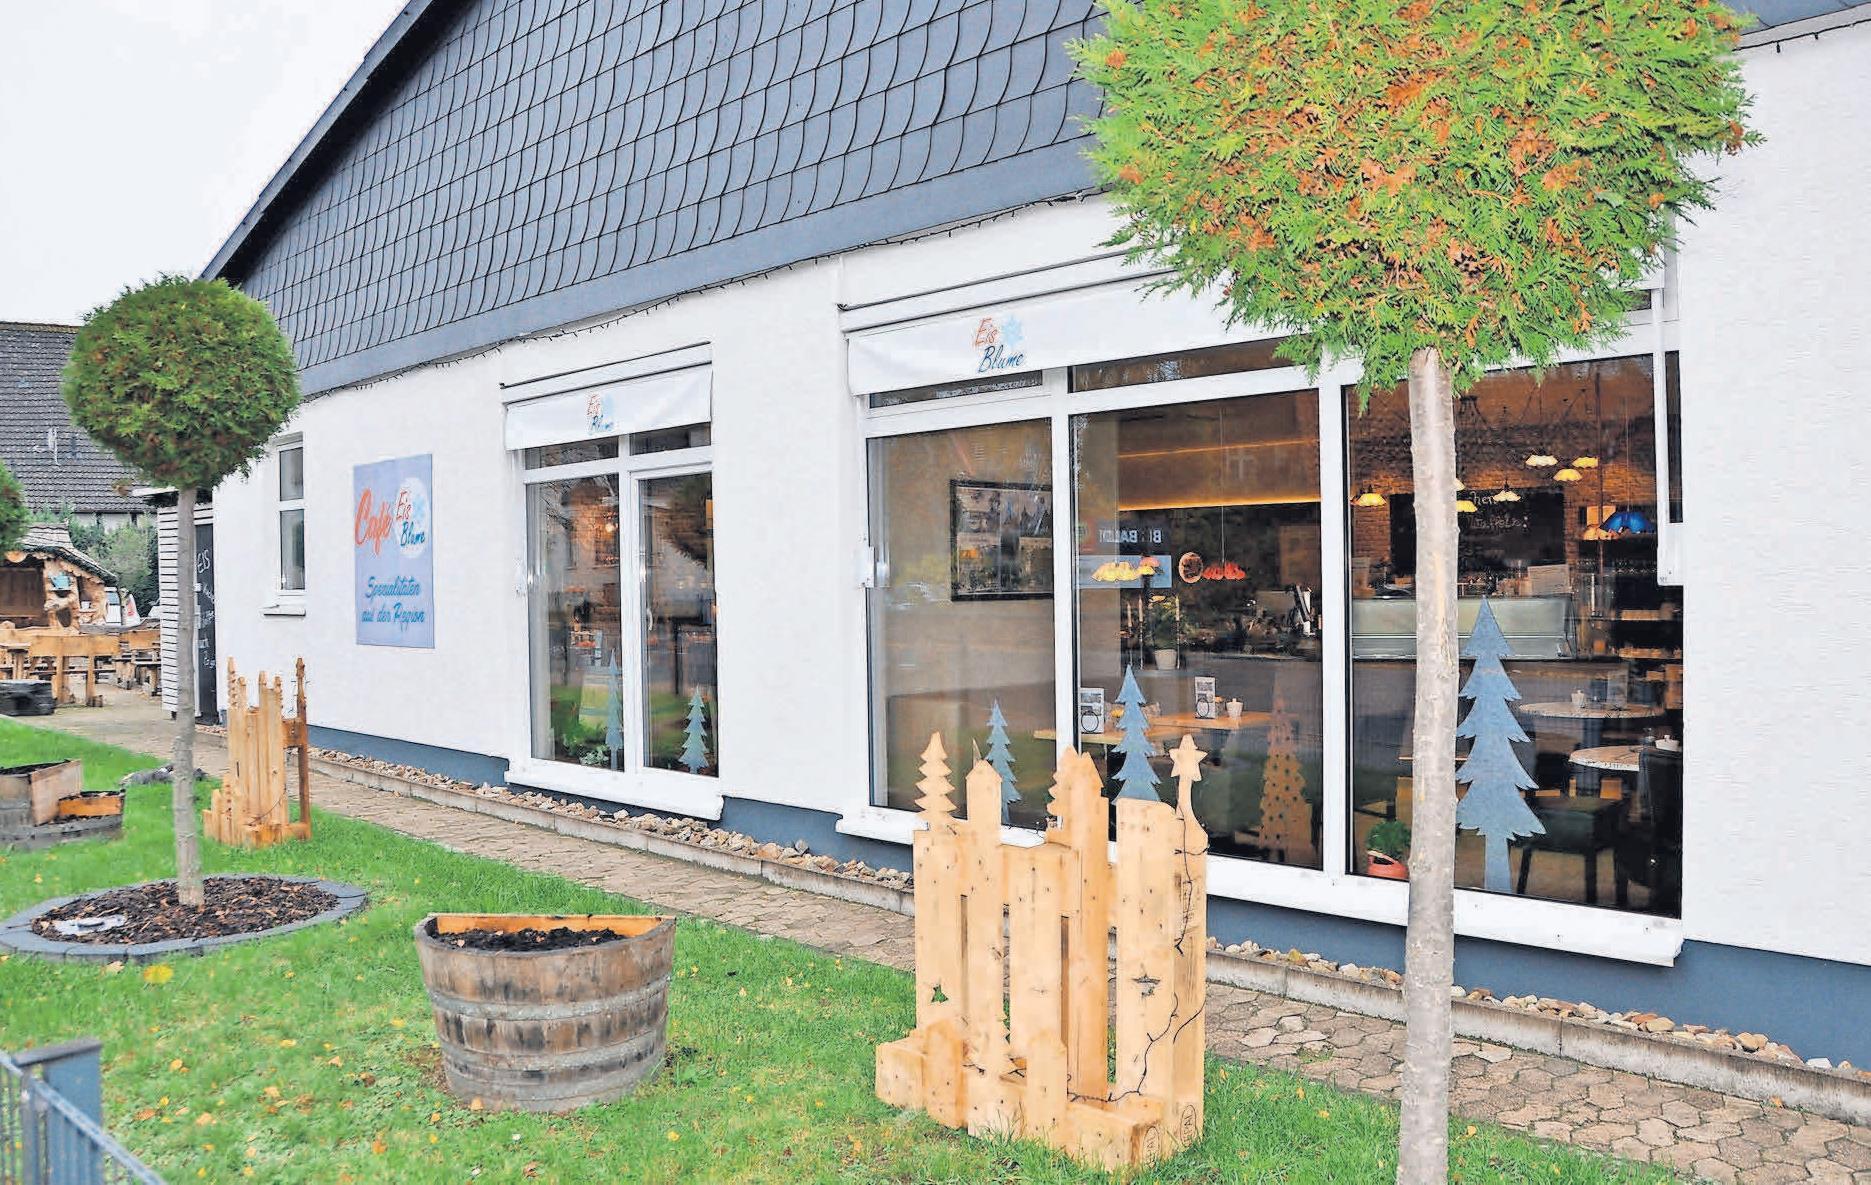 Das Café Eis Blume – direkt an der Hauptstraße in Pattensen-Schulenburg gelegen – hat sich zu einer ersten Adresse in der Region entwickelt.